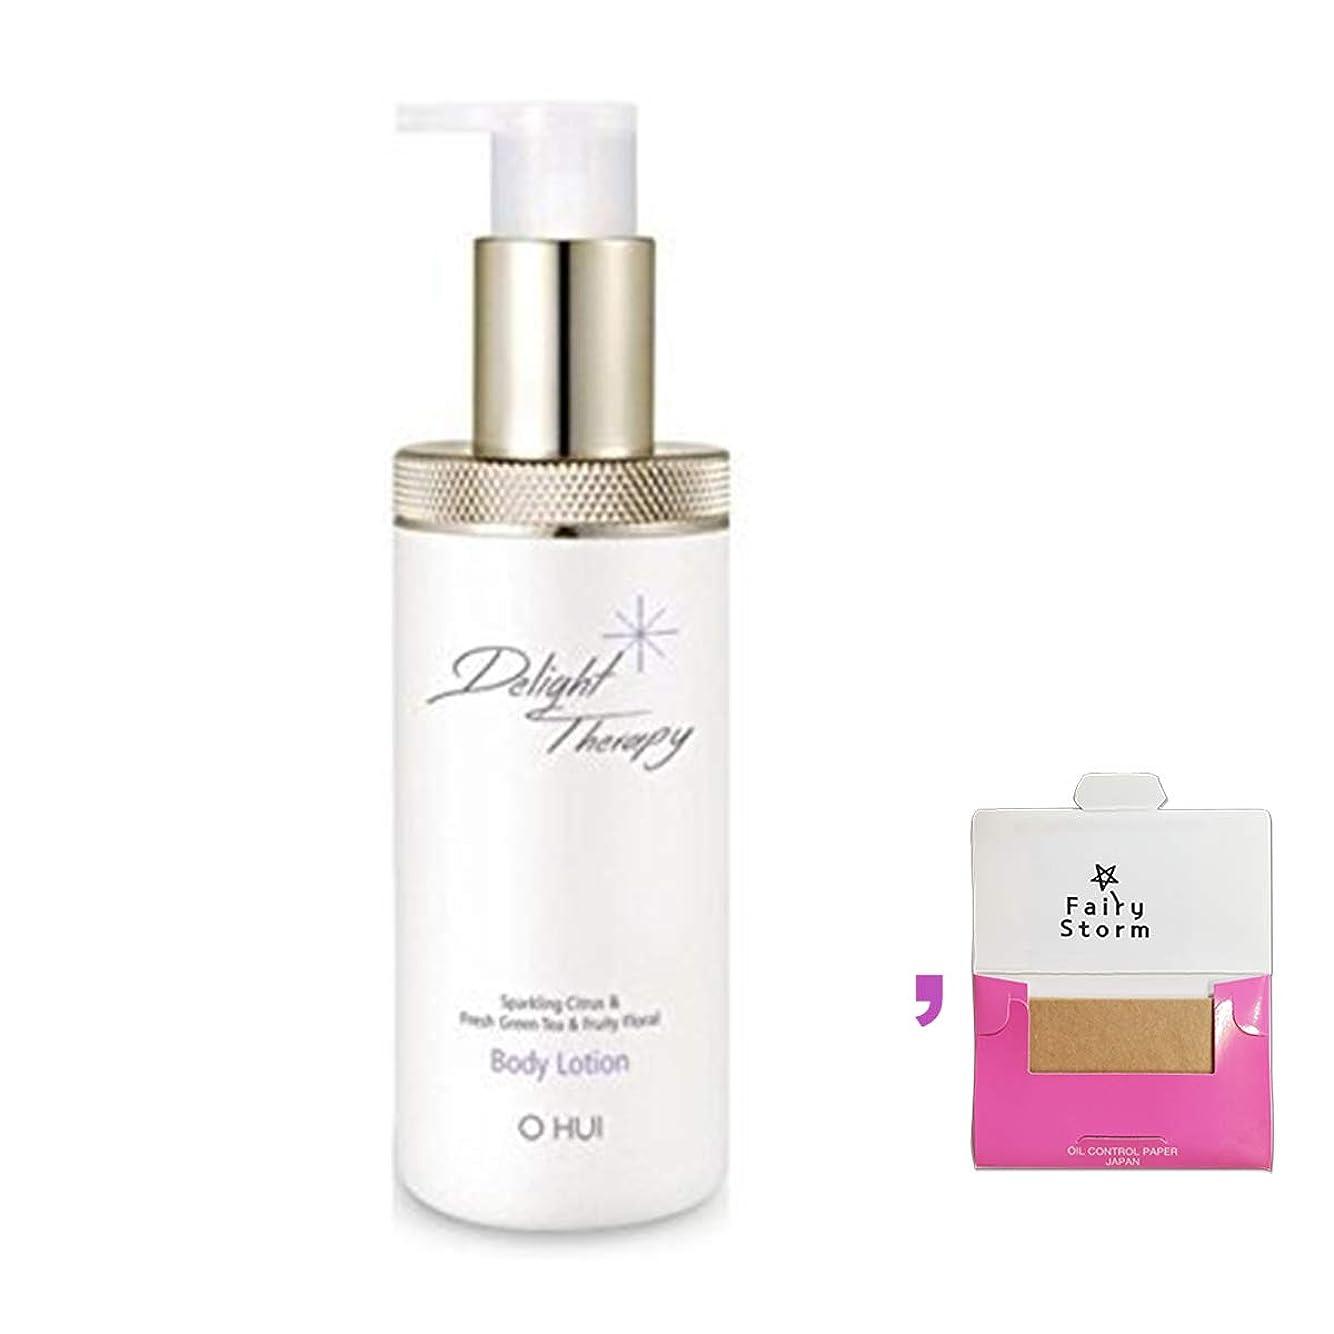 引く小道民主主義[オフィ/ O HUI]韓国化粧品 LG生活健康/Ohui Delight Therapy Body Lotion 300ml - 海藻成分が含有されてしっとりとしたボディを完成してくれるリラックスボディローション+[Sample Gift](海外直送品)